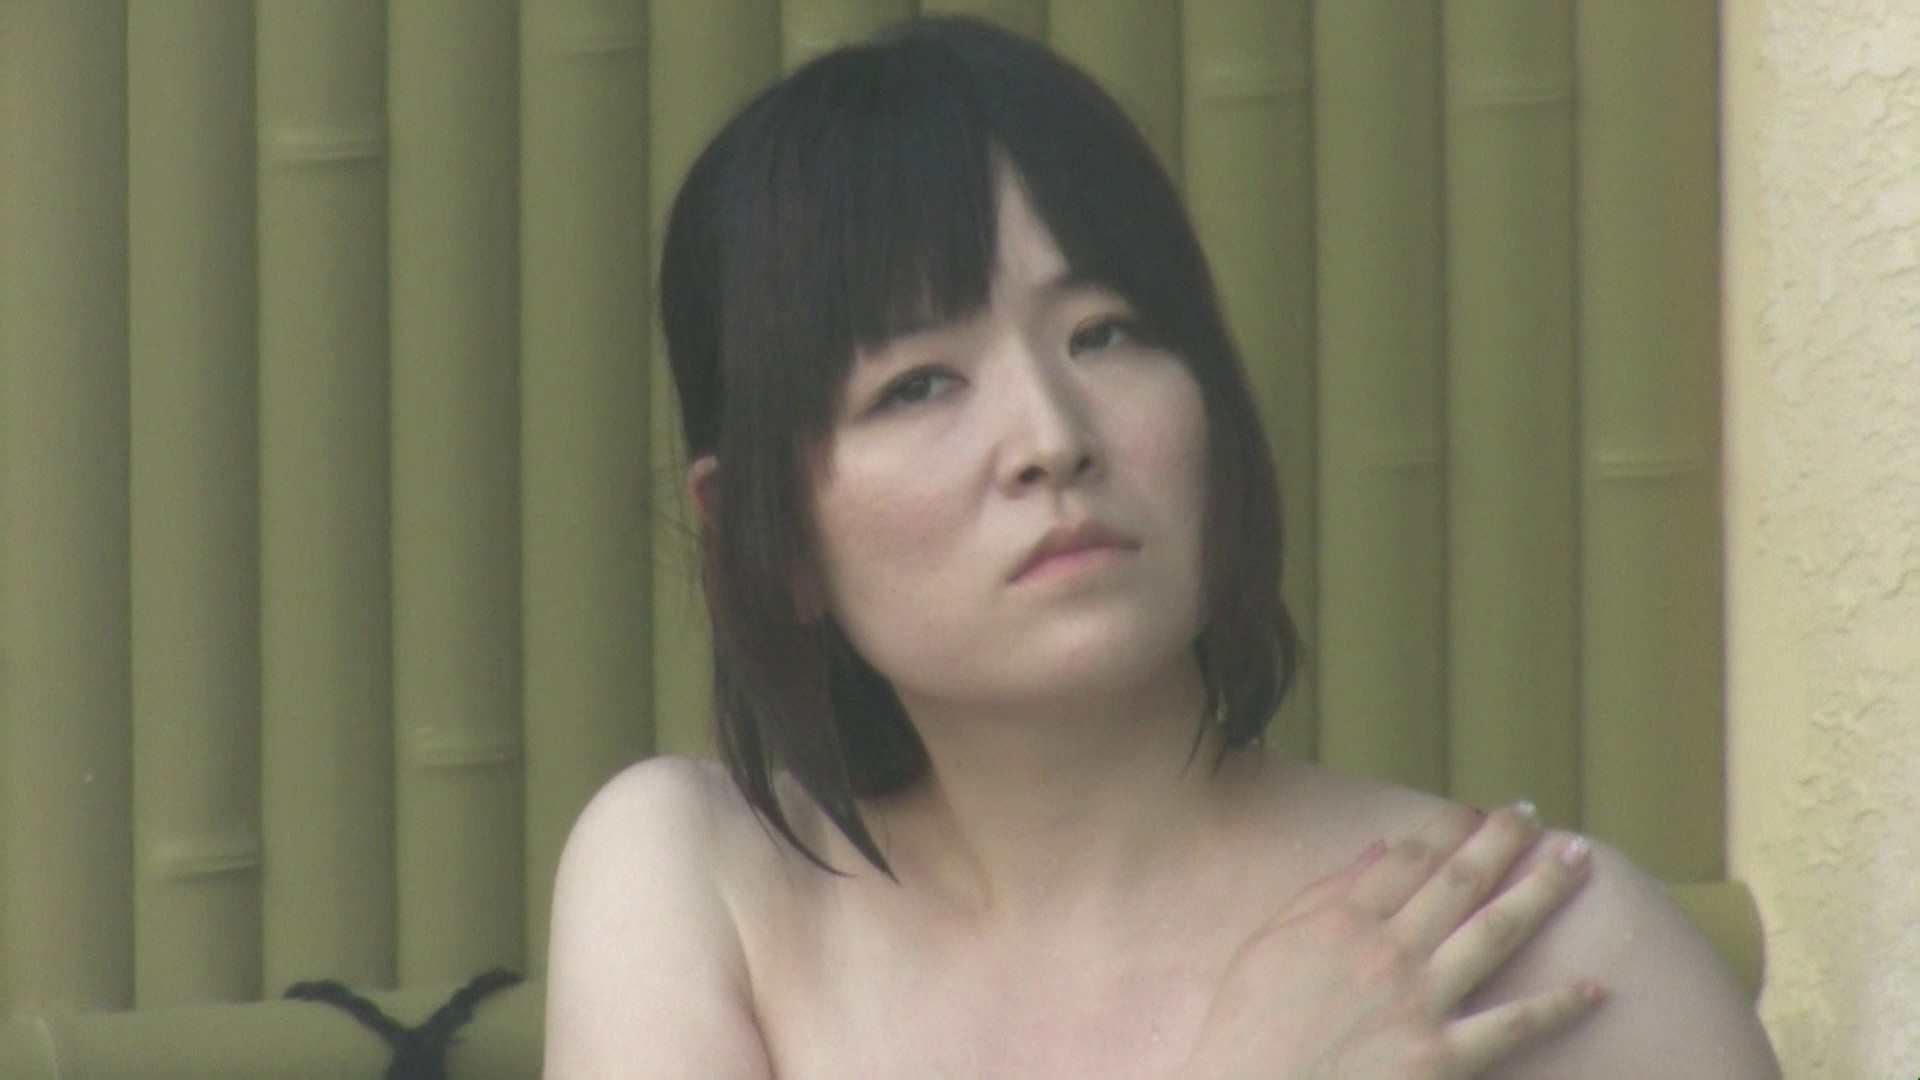 Aquaな露天風呂Vol.606 露天風呂 | 盗撮  25連発 16